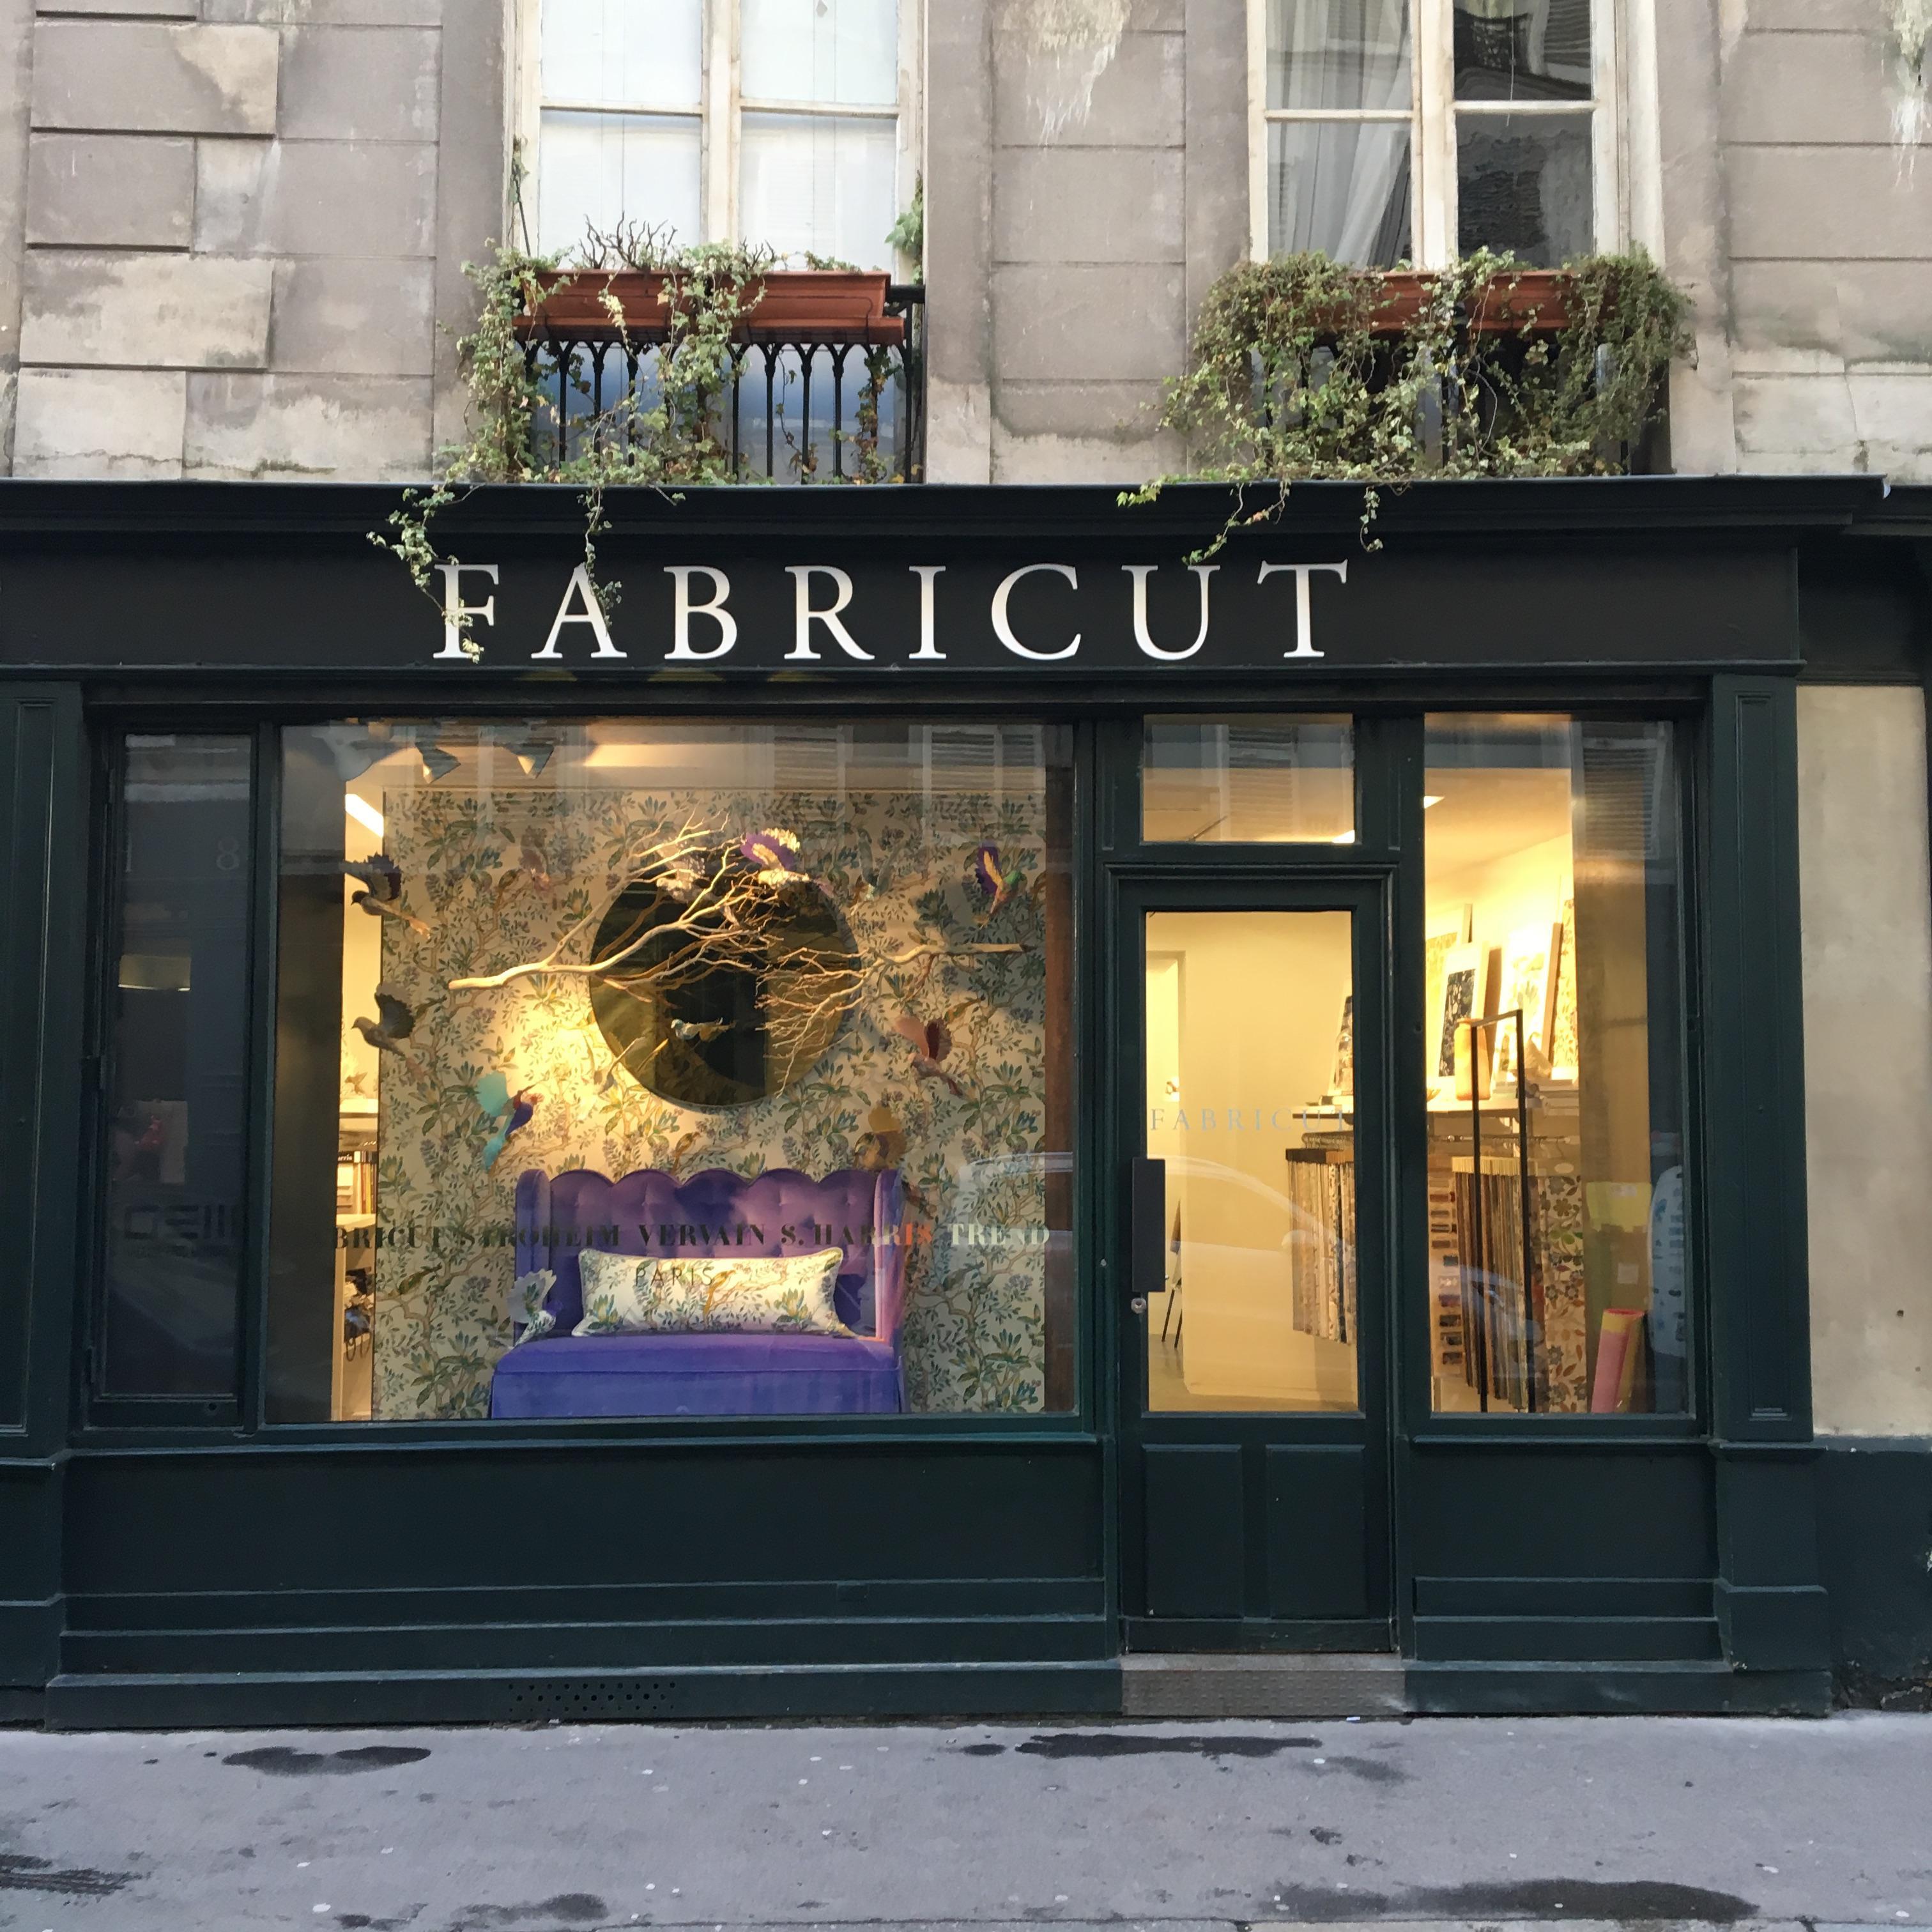 Fabricut, Paris Deco Off 2018